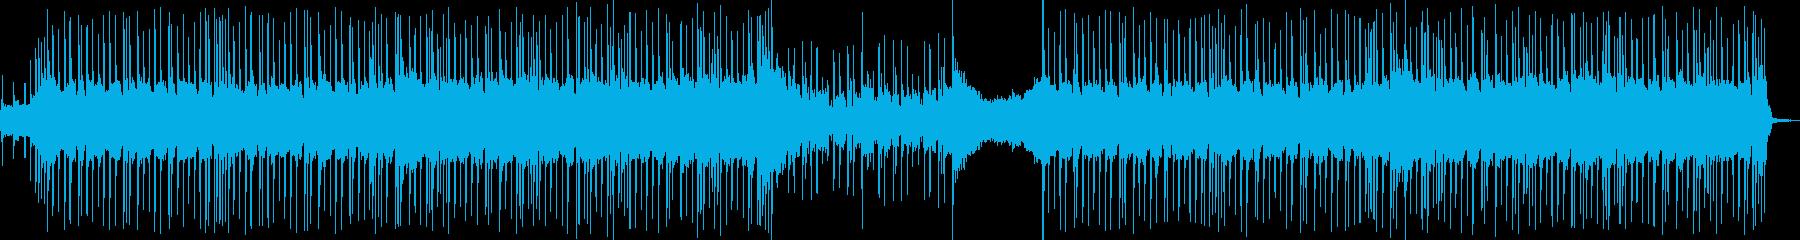 パンク 実験的 ロック ポストロッ...の再生済みの波形